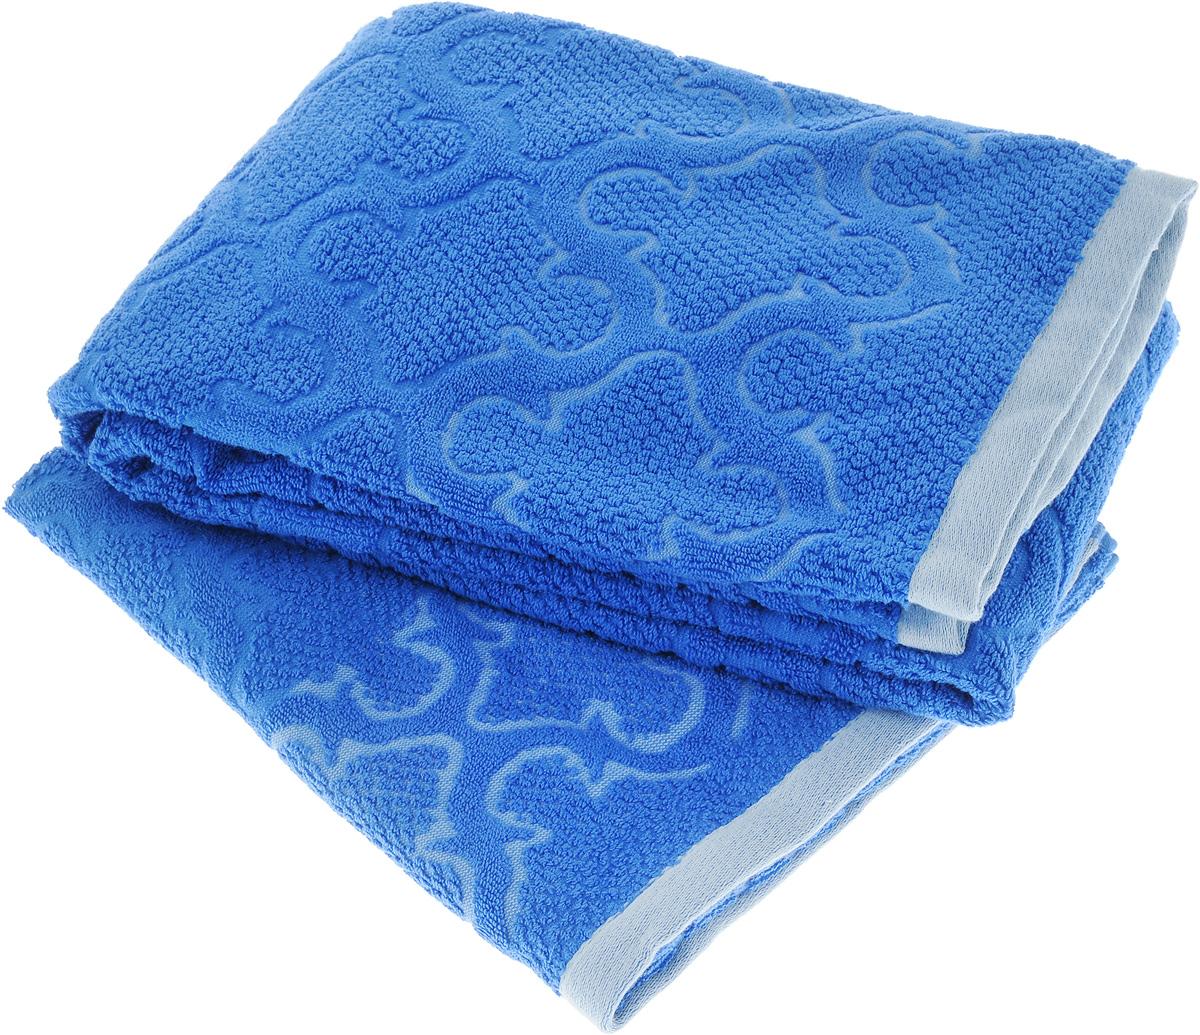 Набор махровых полотенец Toalla Лагуна, цвет: синий, 2 шт92717301Набор Toalla Лагуна состоит из 2 прямоугольных махровых полотенец, выполненных из 100% хлопка. Ткань полотенец обладает высокой плотностью и мягкостью, отличается высоким качеством и длительным сроком службы. В процессе эксплуатации материал становится только мягче и приятней на ощупь. Египетский хлопок не содержит линта (хлопковый пух), поэтому на ткани не образуются катышки даже после многократных стирок и длительного использования. Сверхдлинные волокна придают ткани характерный красивый блеск. Полотенца отлично впитывают влагу и быстро сохнут. Такой набор красиво дополнит интерьер ванной комнаты и станет практичным приобретением. Полотенца оформлены изысканным рельефным орнаментом.